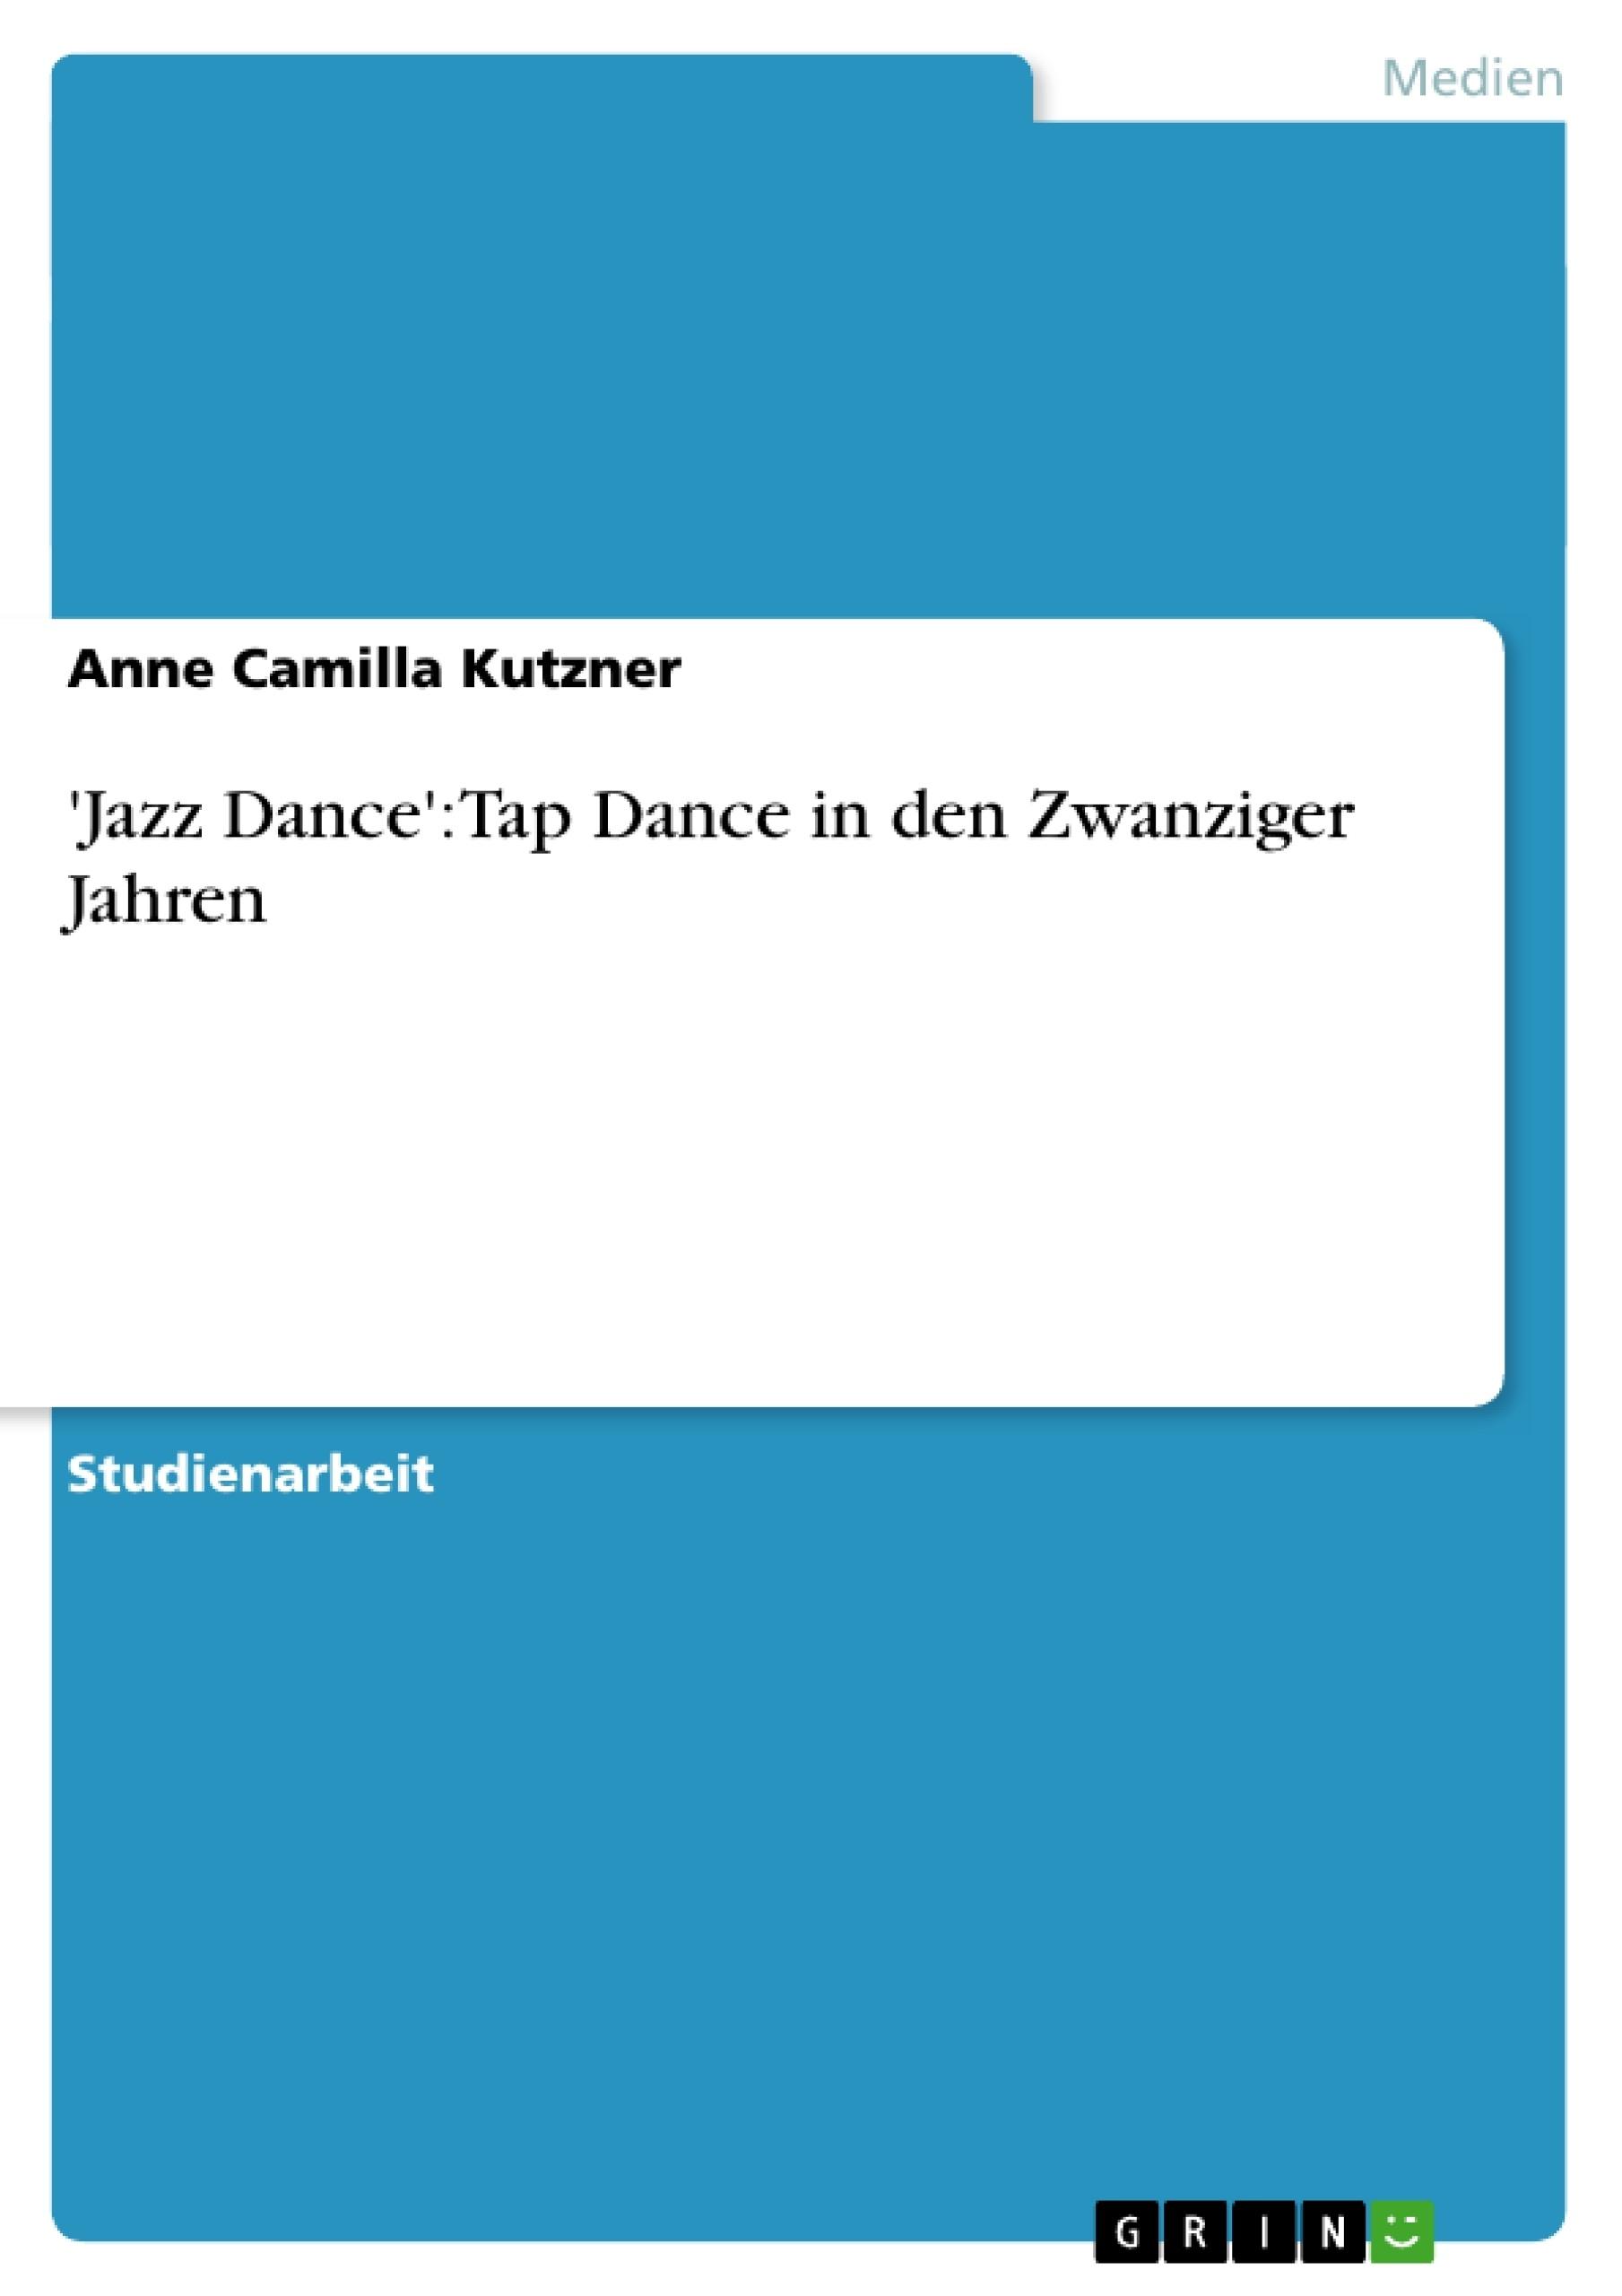 Titel: 'Jazz Dance': Tap Dance in den Zwanziger Jahren